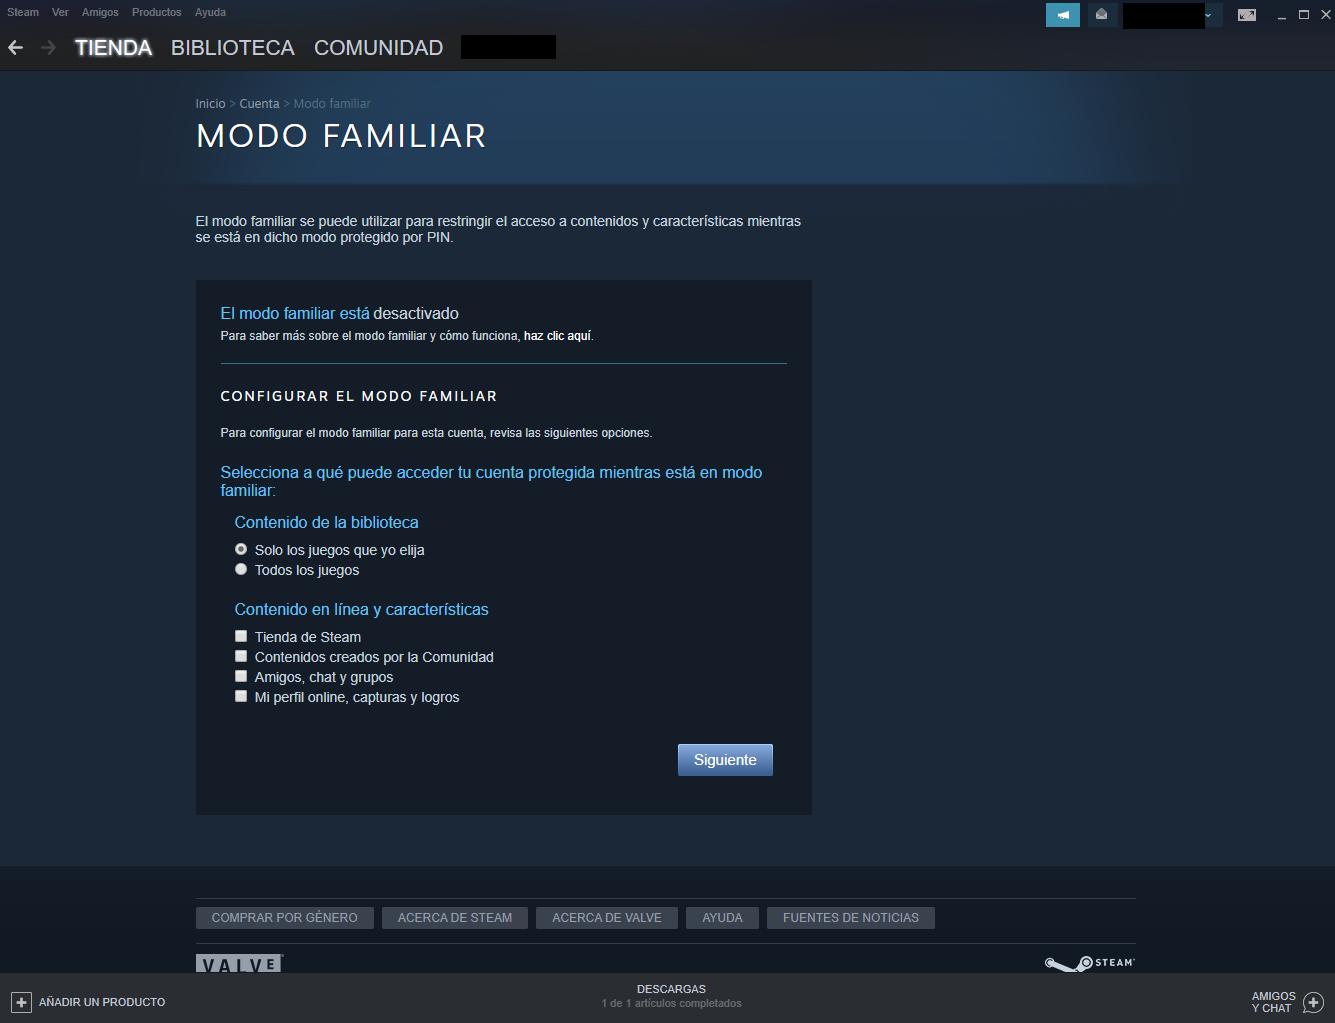 Steam-Control-Parental-Opciones-del-Modo-Familiar